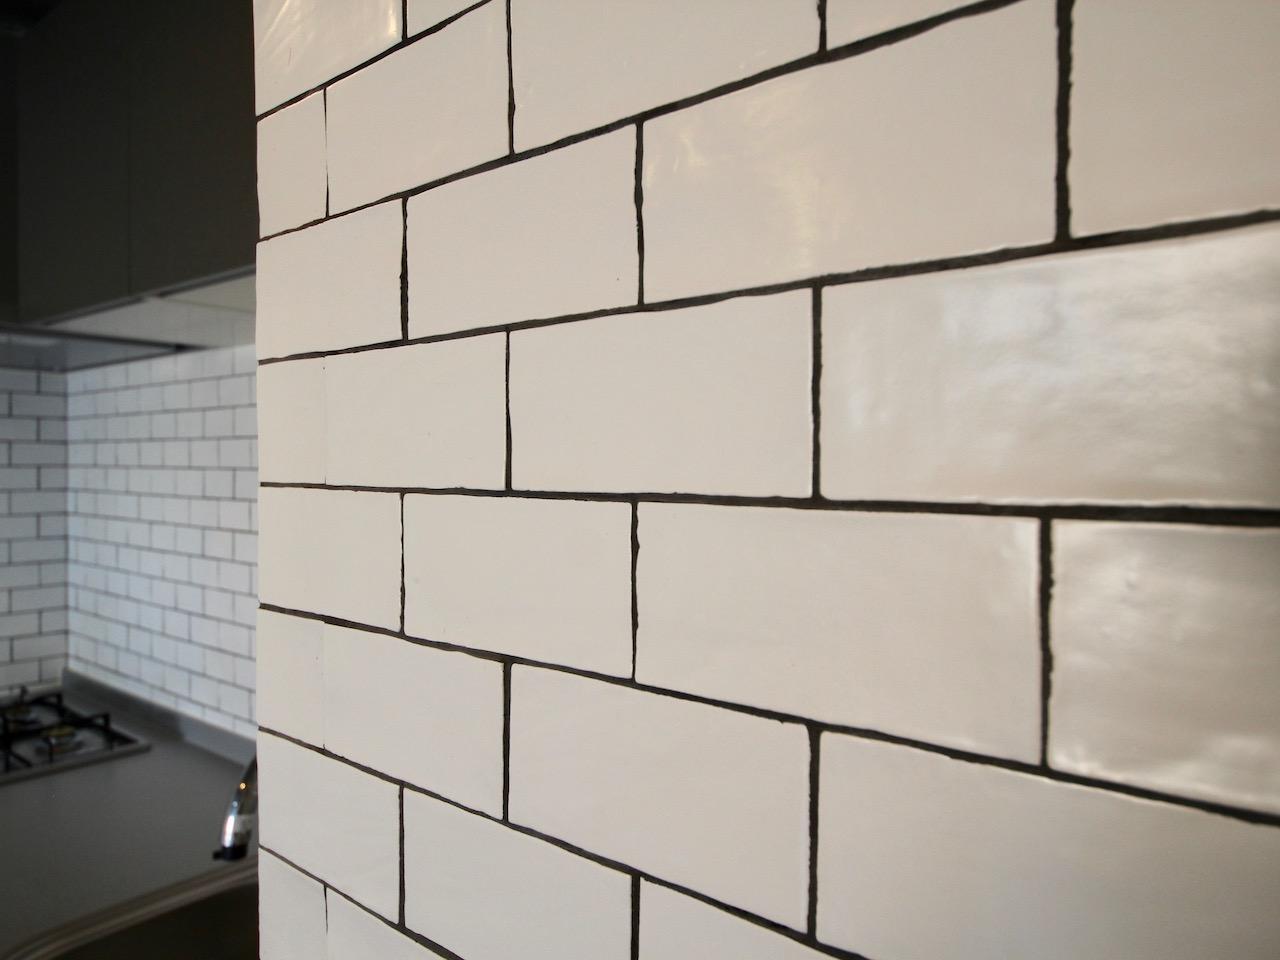 キッチン壁タイル